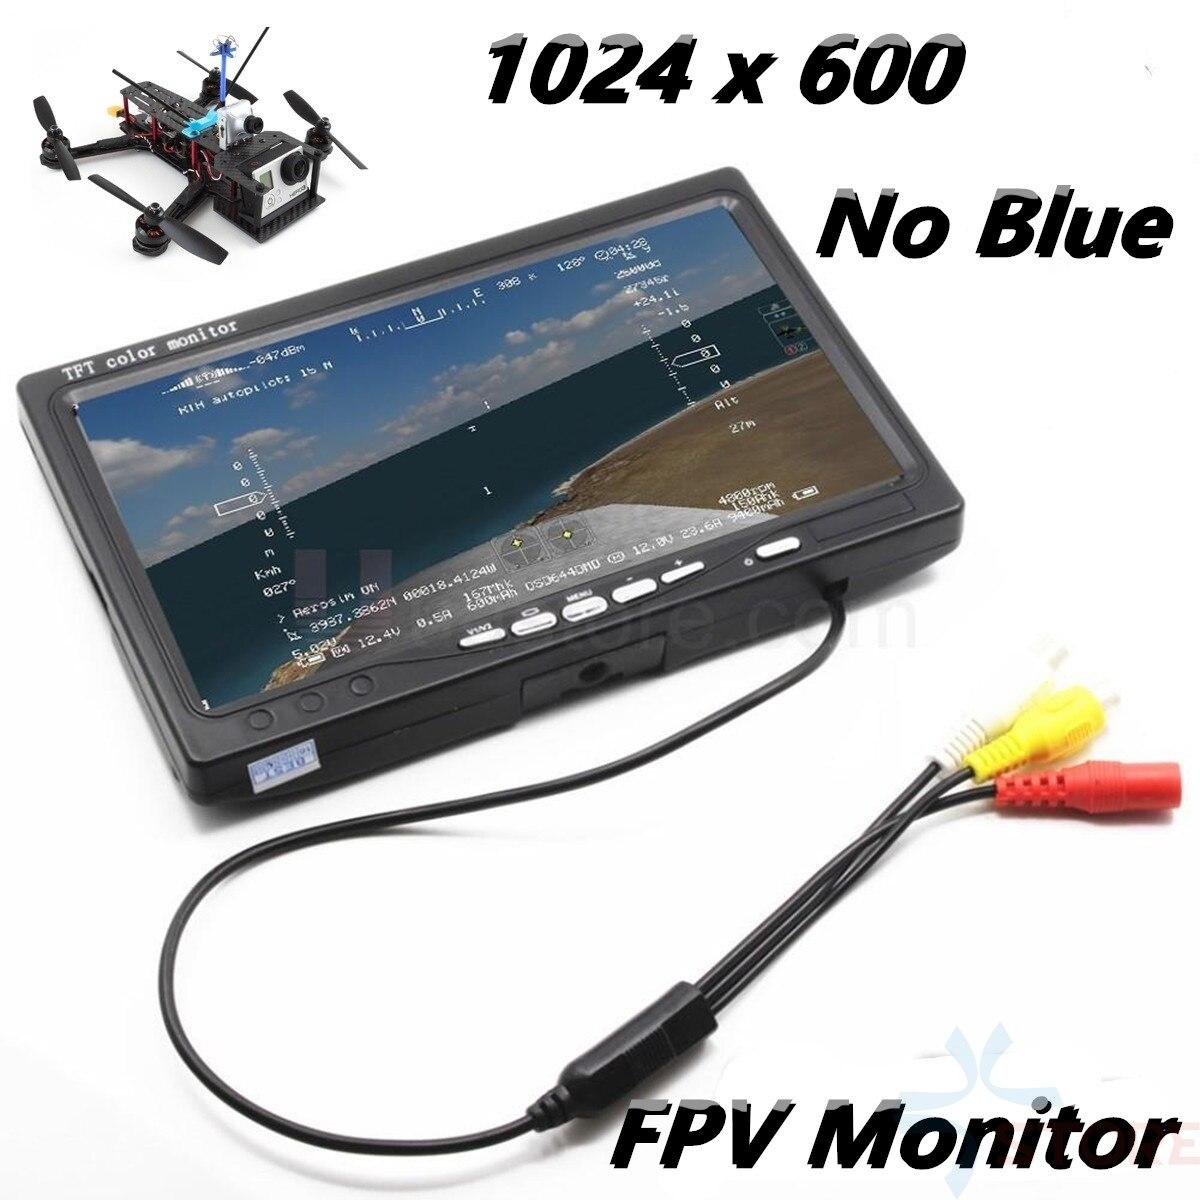 Lo más nuevo IPS 7 pulgadas LCD TFT FPV 1024x600 Monitor de pantalla de control remoto FPV Monitor fotografía Sunhood para Estación de tierra